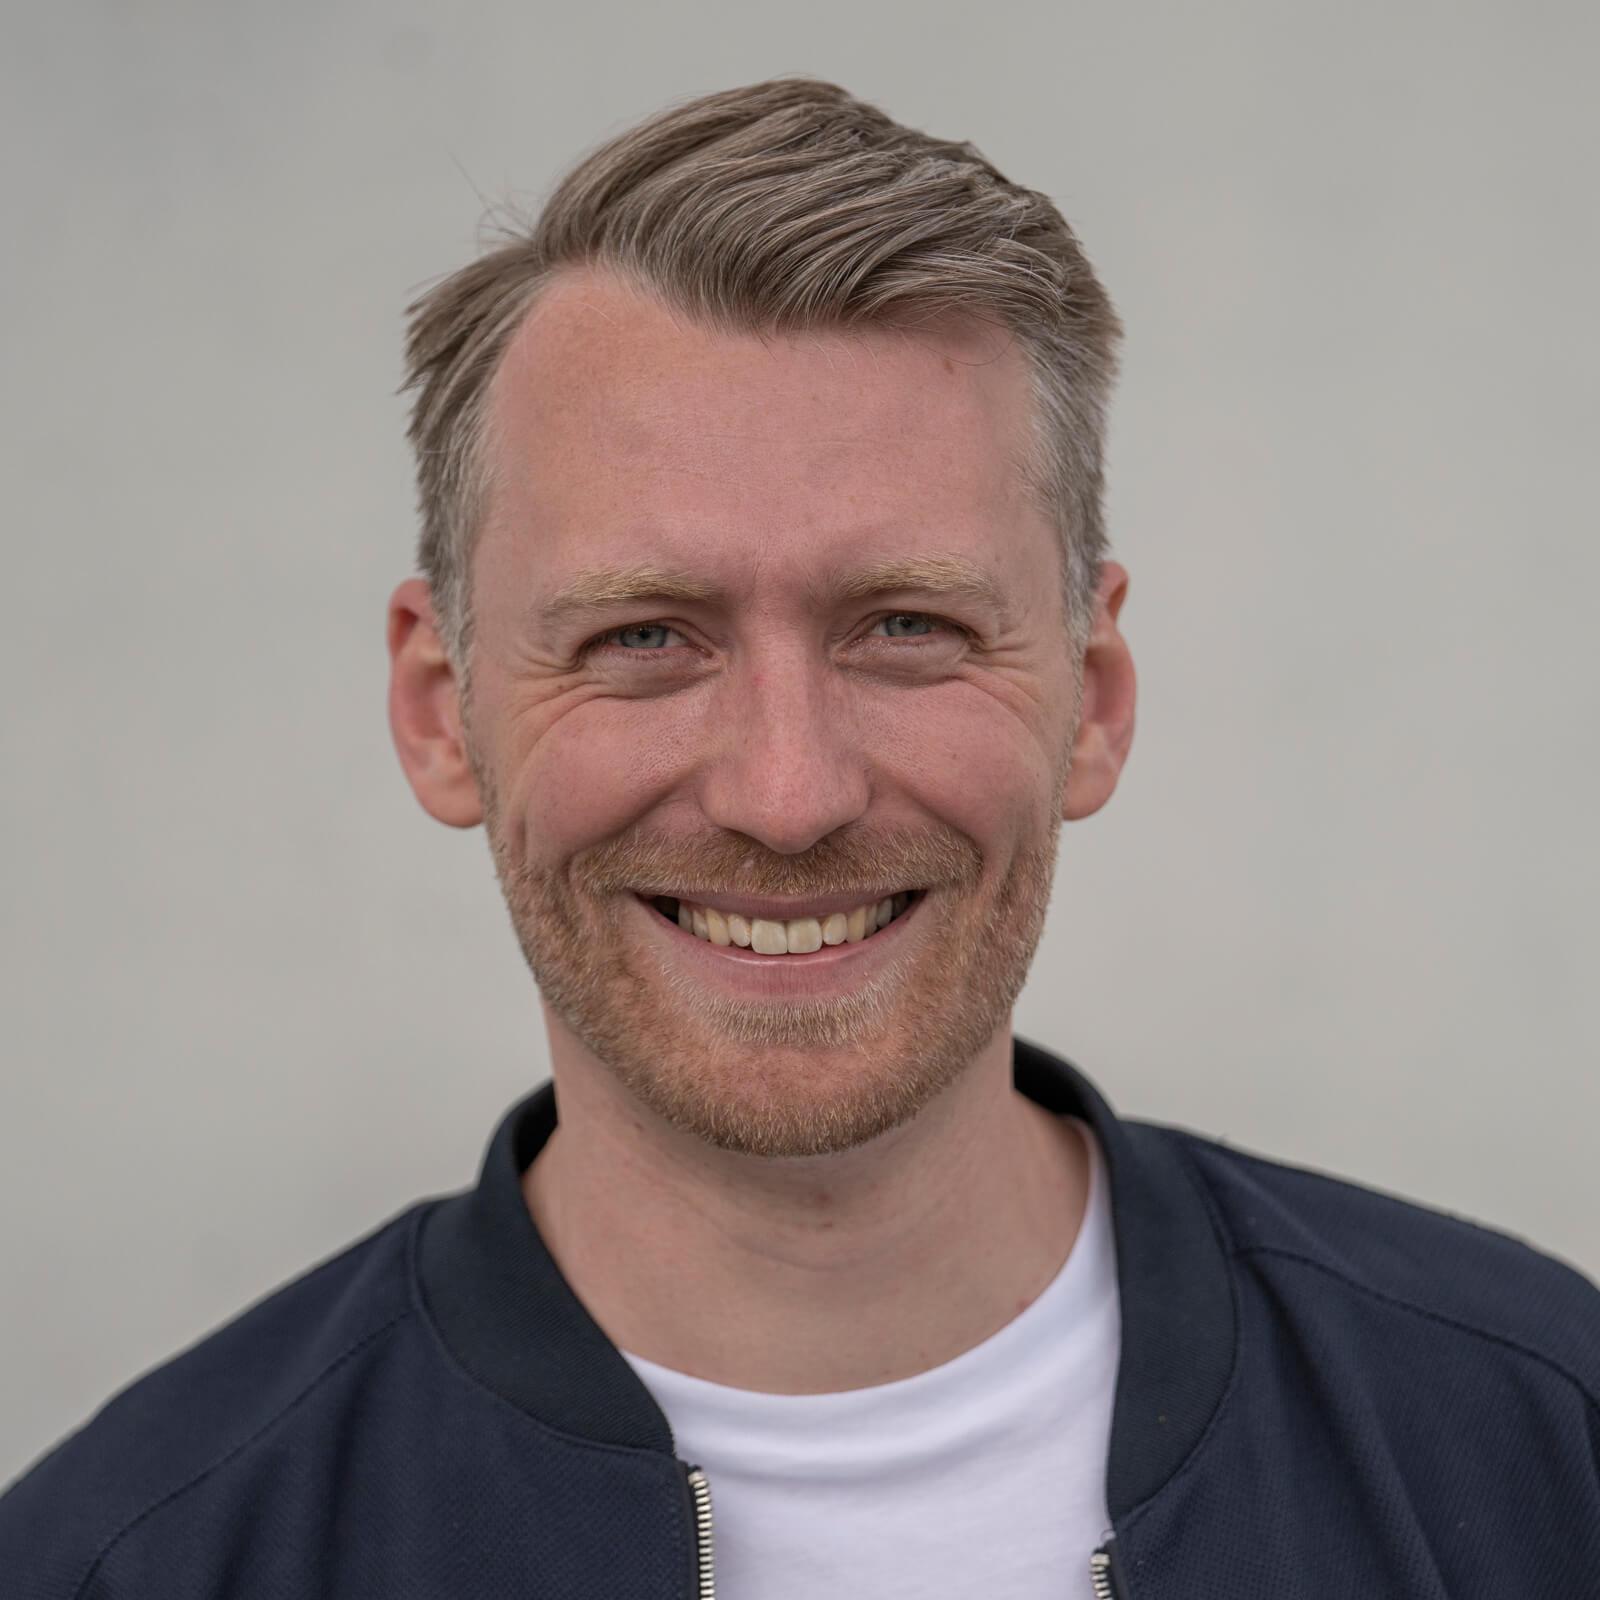 Philipp Rabe - Gründer von Leadershiplernen.de